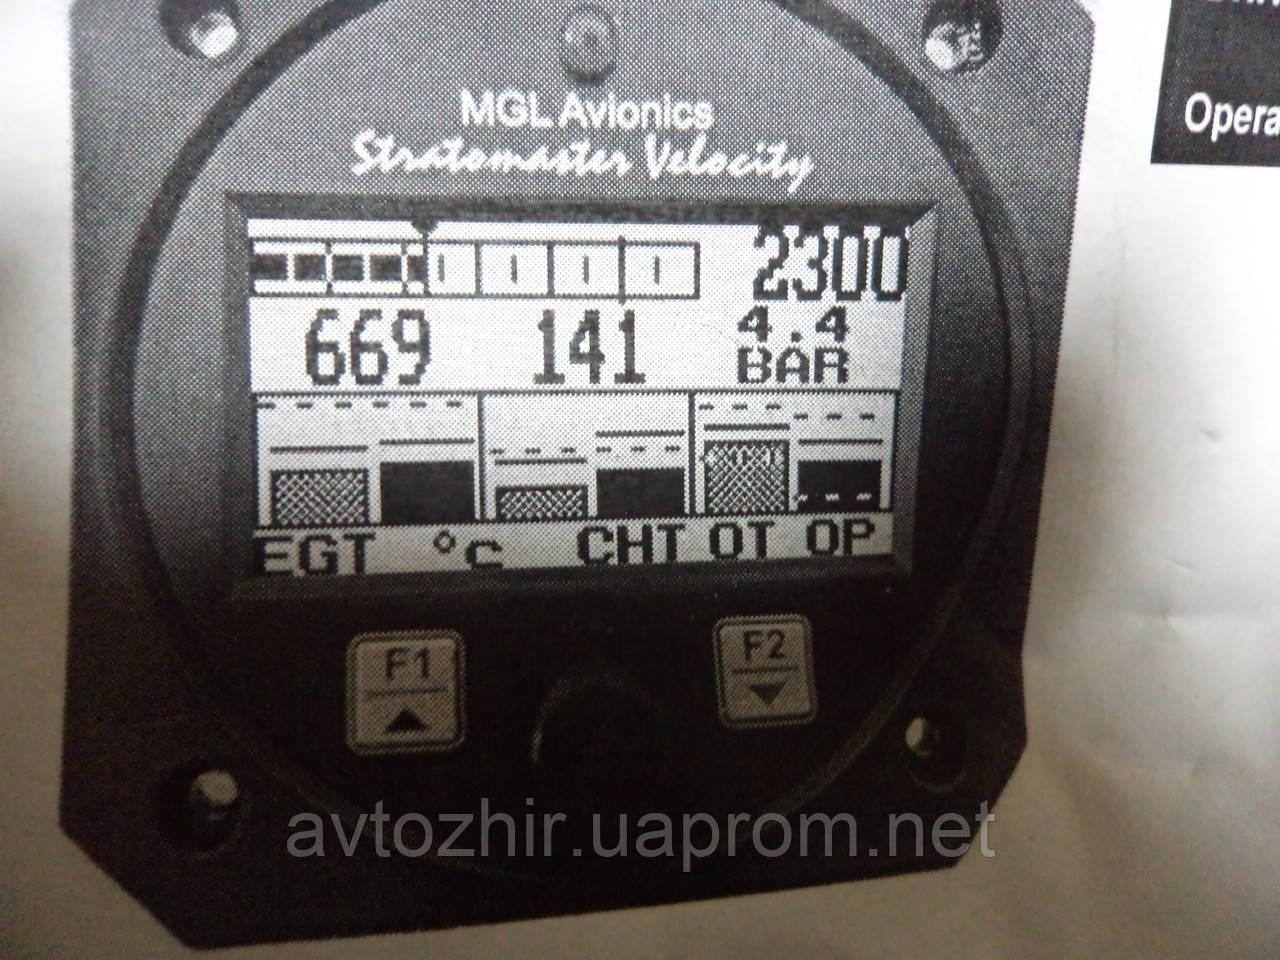 Прибор контроля работы двигателя rotax912